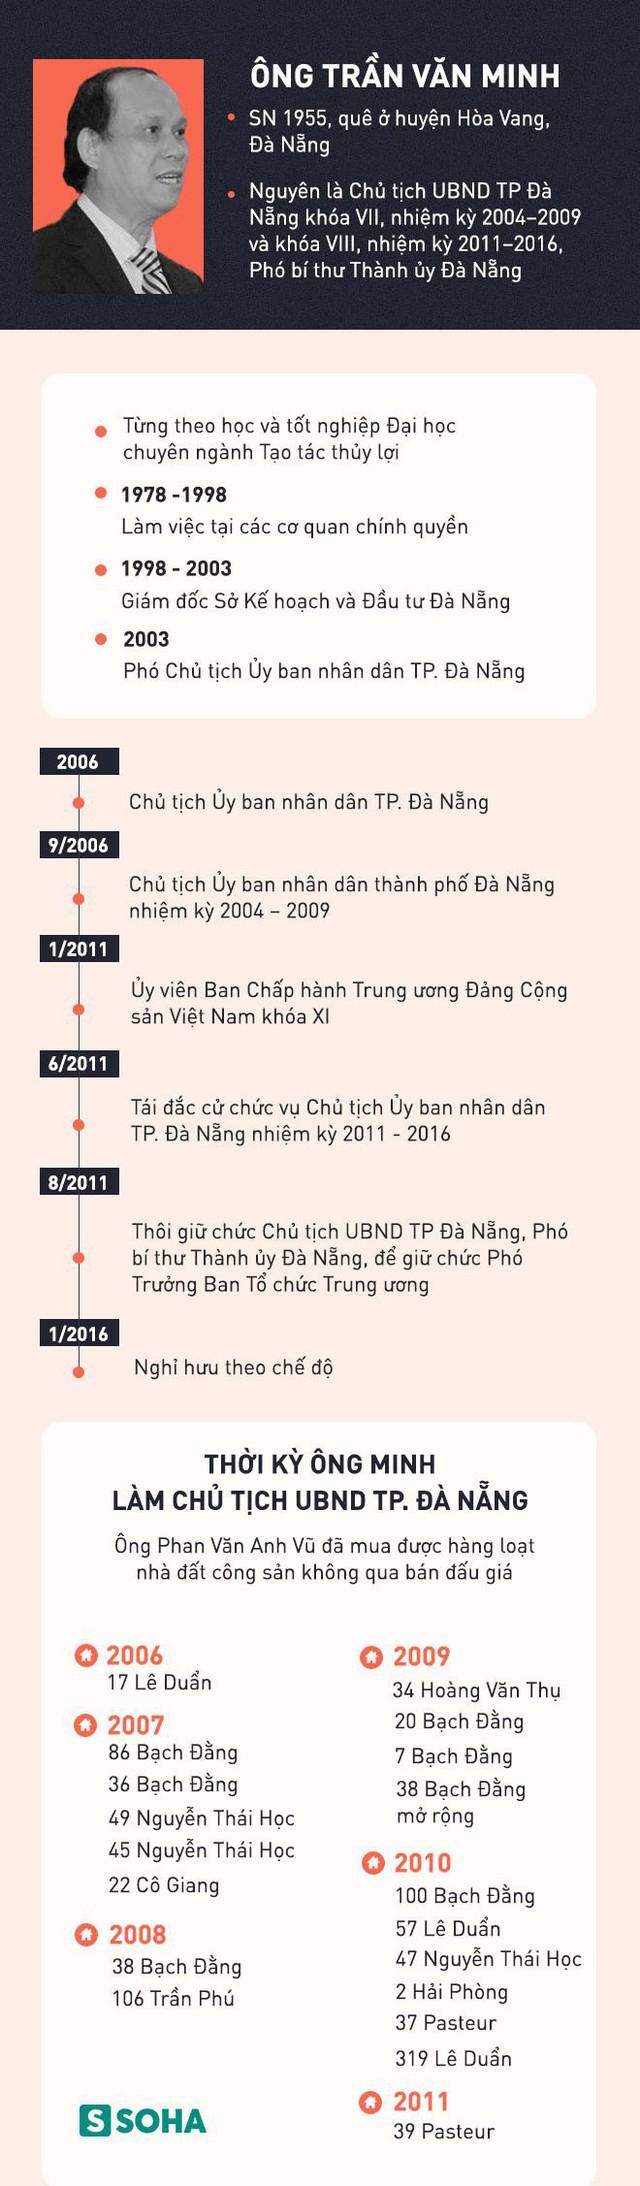 Công an đang khám xét nhà 2 cựu Chủ tịch Đà Nẵng Trần Văn Minh, Văn Hữu Chiến - Ảnh 8.